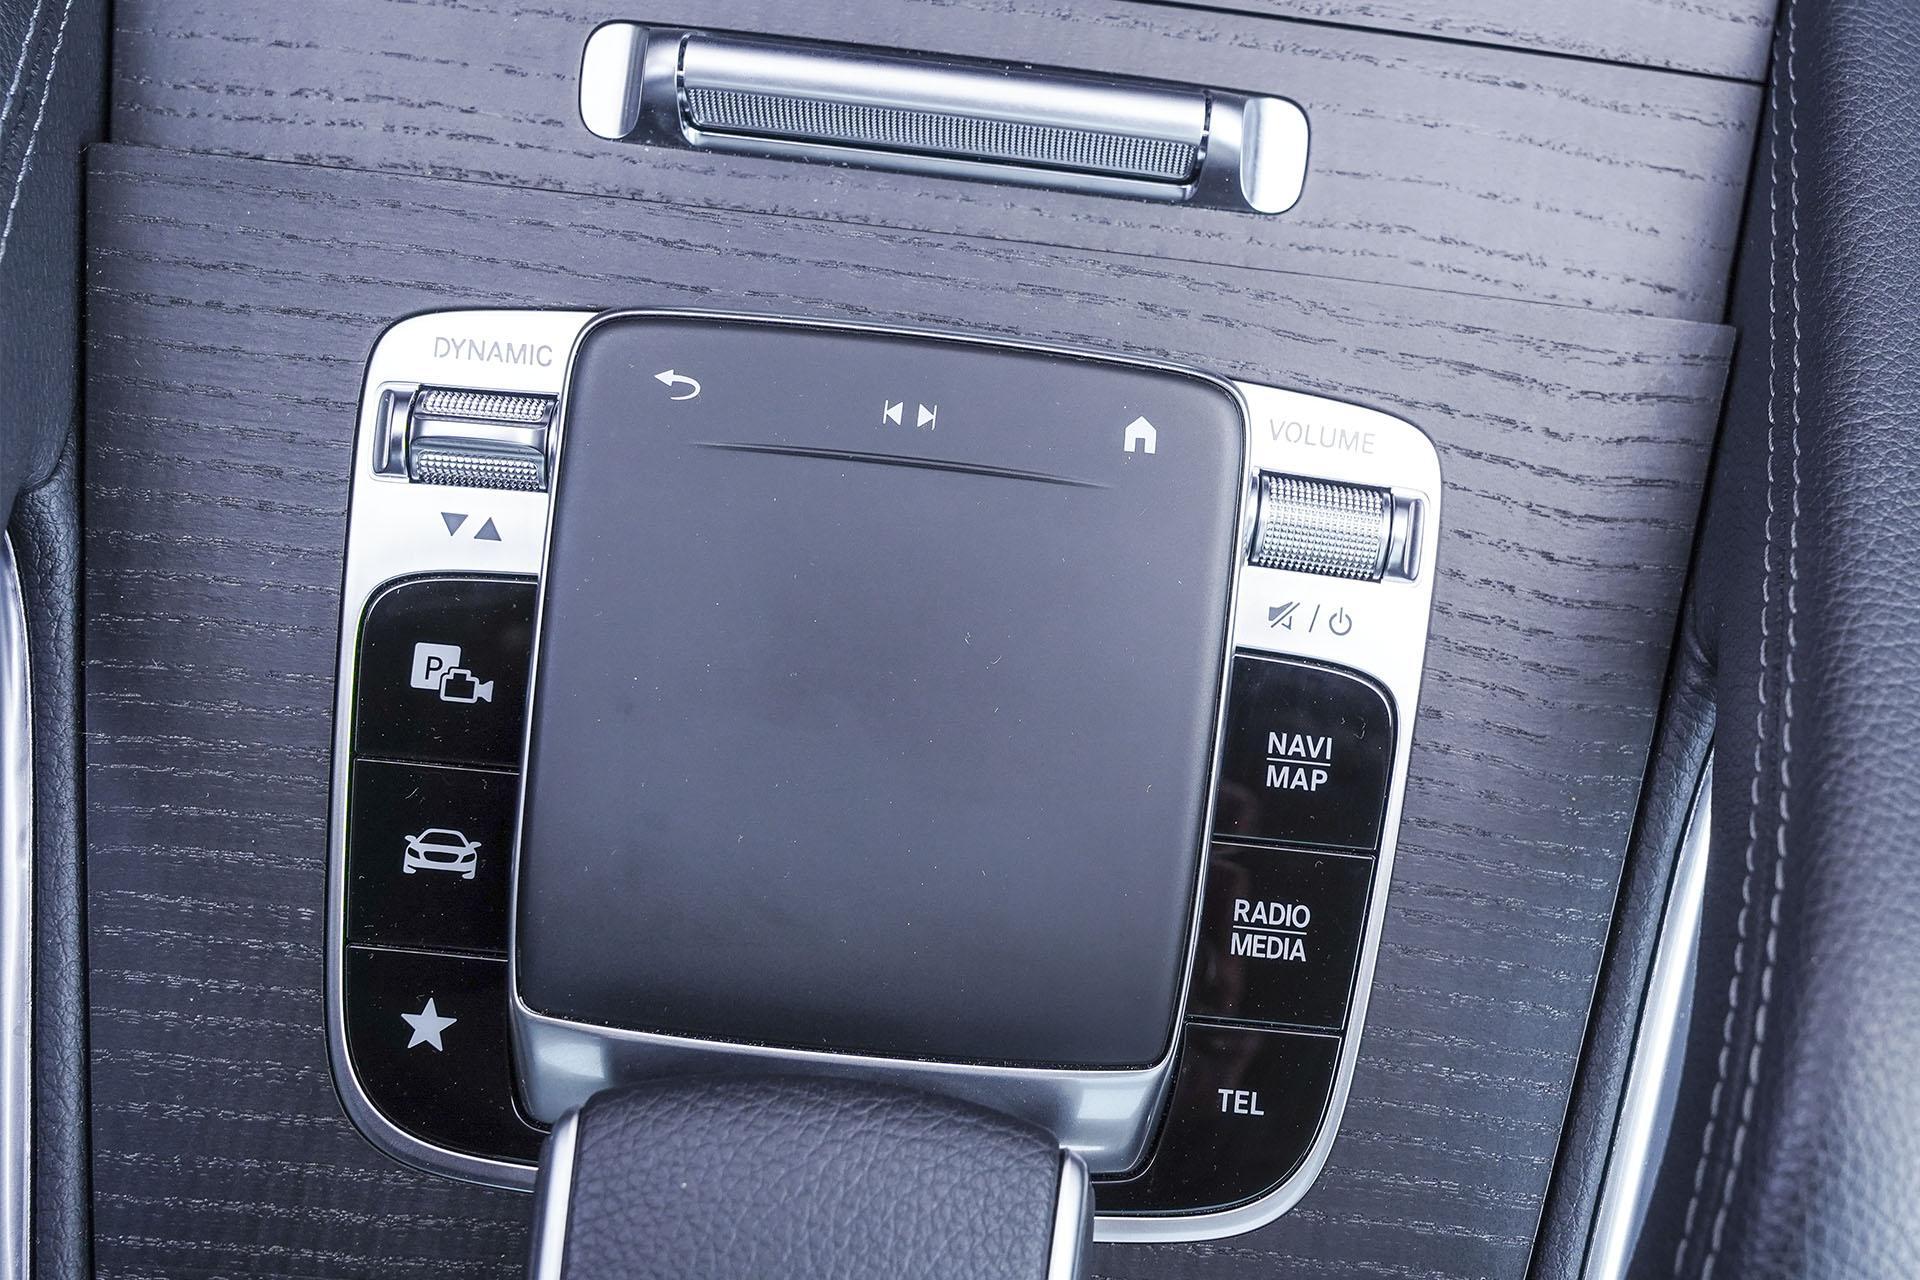 Mercedes GLE - gładzik - Land Rover Discovery, Mercedes GLE, Range Rover Sport, Volkswagen Touareg, Volvo XC90 – PORÓWNANIE –opinie, dane techniczne, wymiary